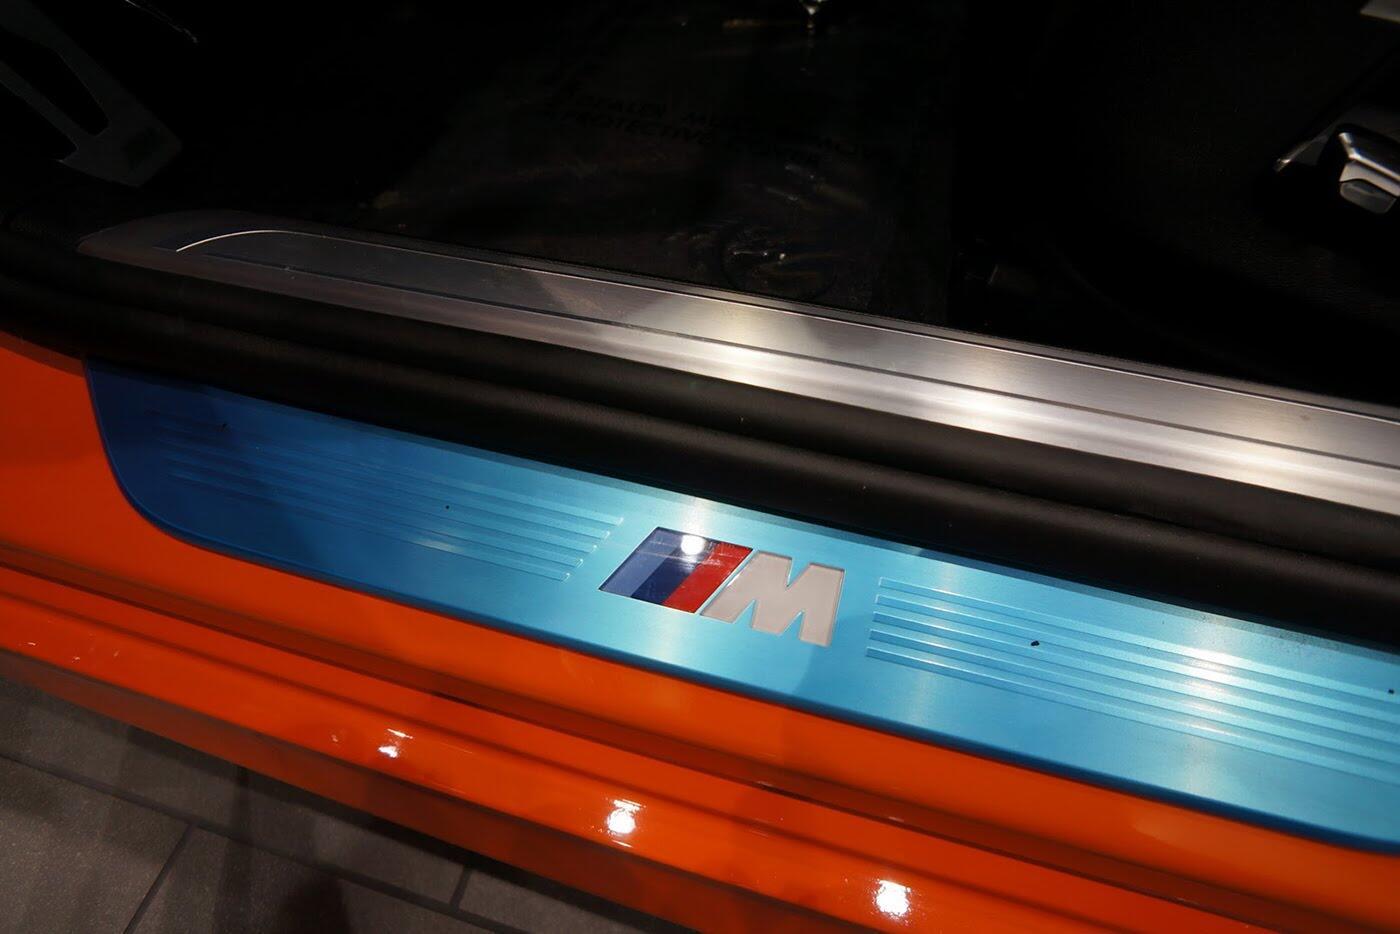 Cận cảnh BMW 750i 2017 phiên bản đặc biệt Fire Orange - Hình 13